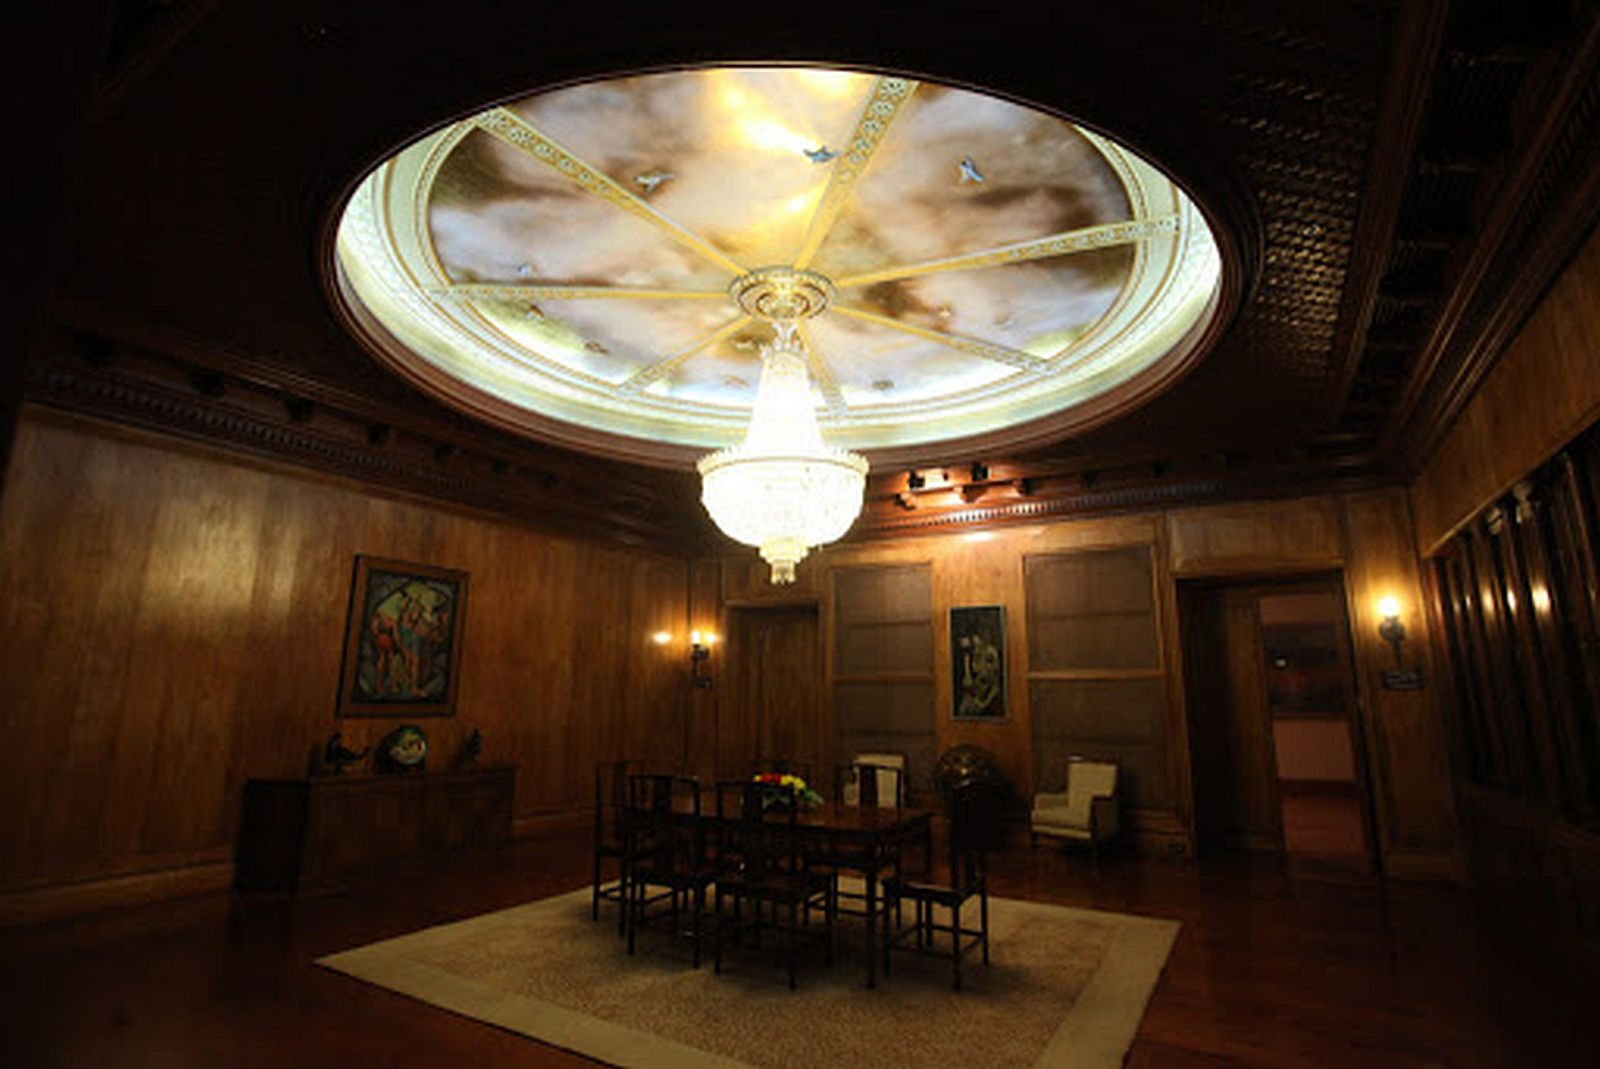 PHILIPPINEN REISEN - KULTUR - HISTORISCHE ORTE UND PLÄTZE - Malacanan Palast - Staatsräume